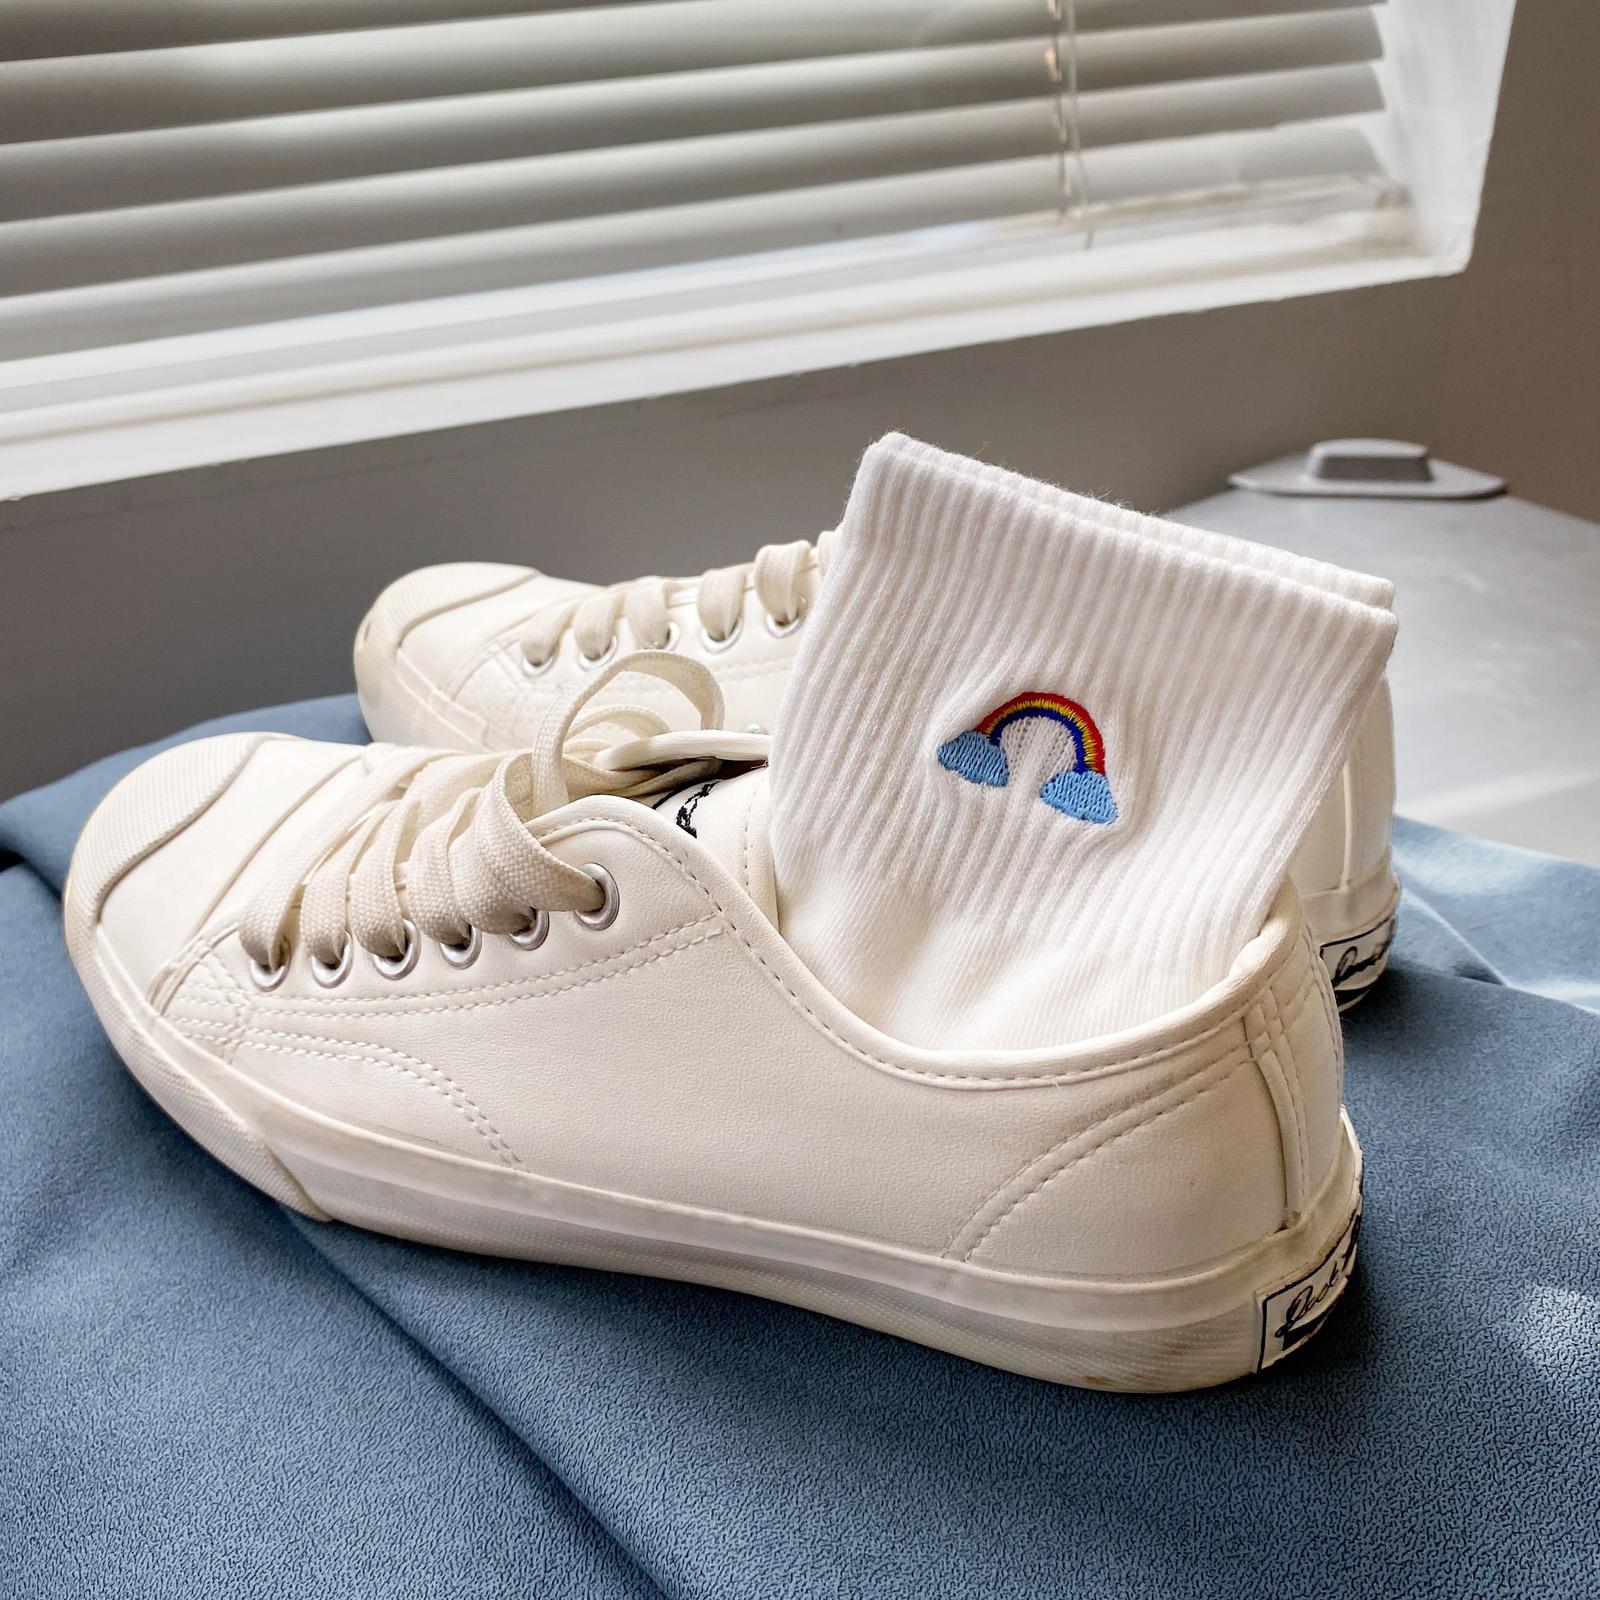 白袜子女白色夏季薄款透气纯棉ins潮袜中筒袜短袜夏天运动袜短筒